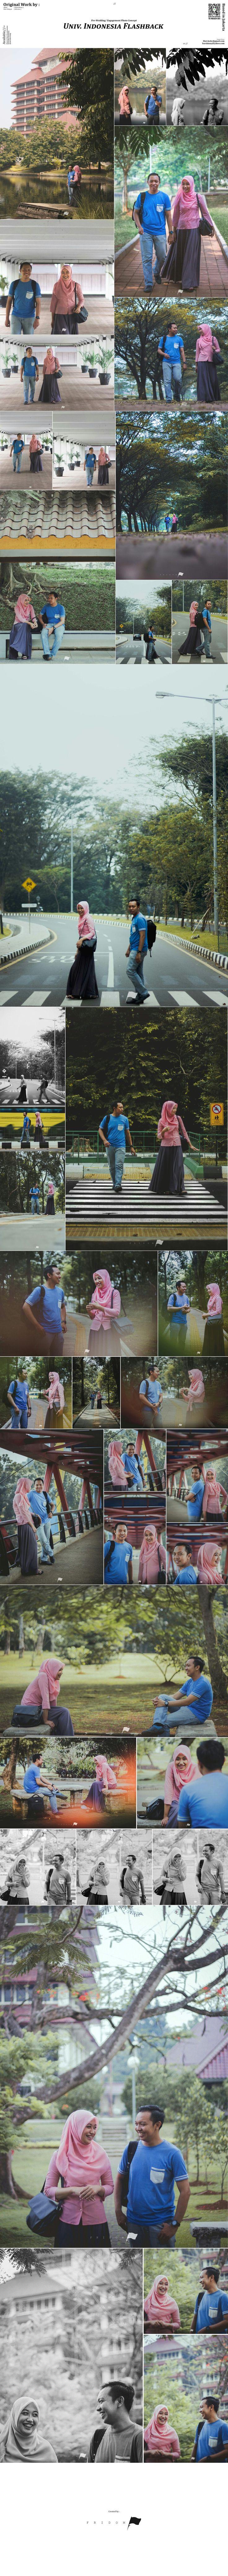 Wedding Engagement Photo by Fridom | Wedding Engagement ...